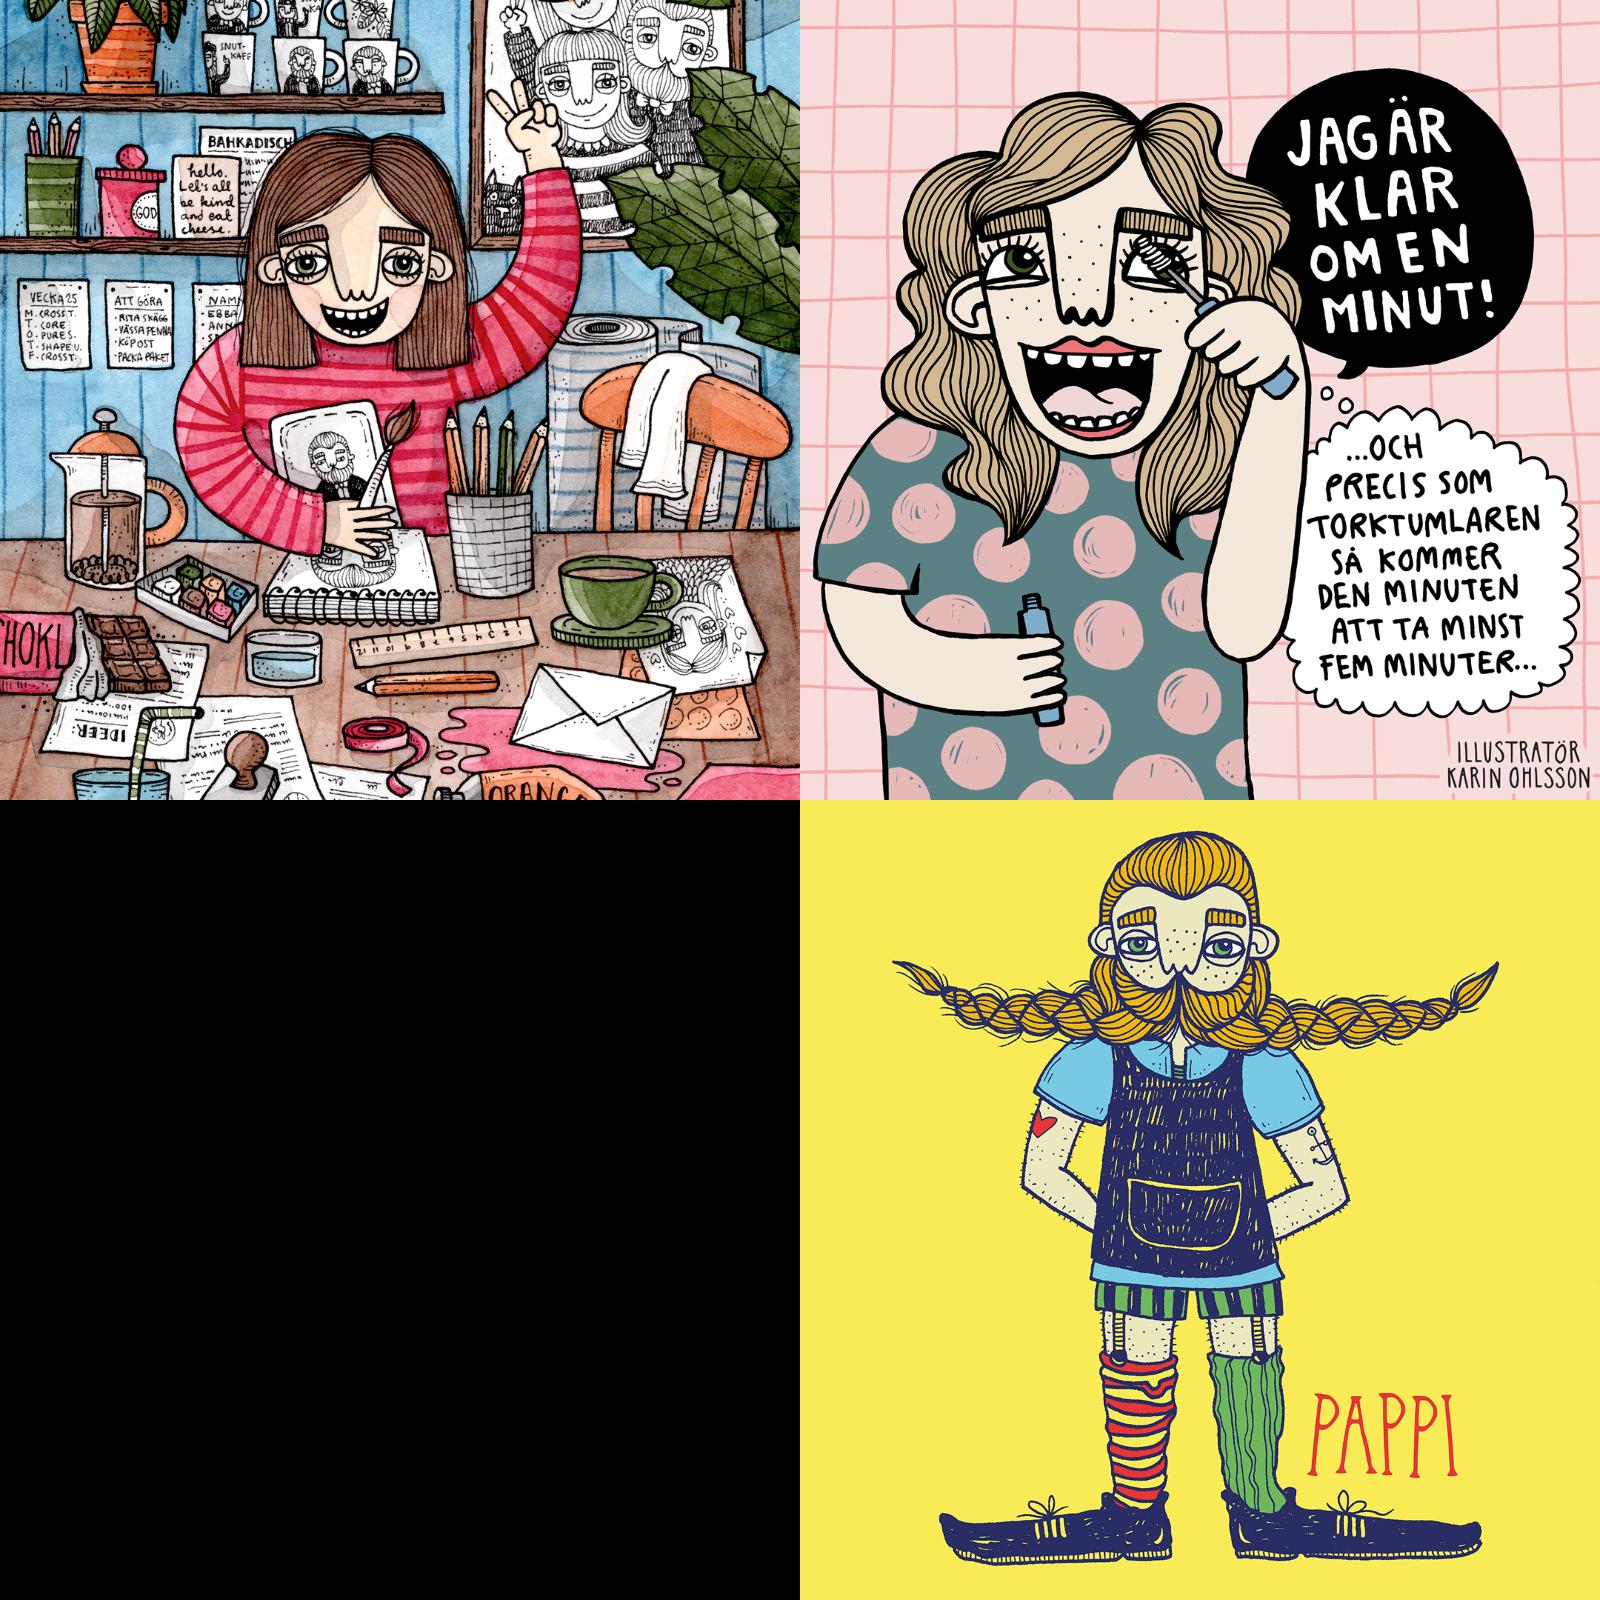 """""""Självporträtt"""" (beskuret) Karin Ohlsson använder på ovansidan av dryckesunderläggen som dubbeljobbar som visitkort, """"Klar om en minut"""" och """"Pappi"""". Illustration: Karin Ohlsson."""